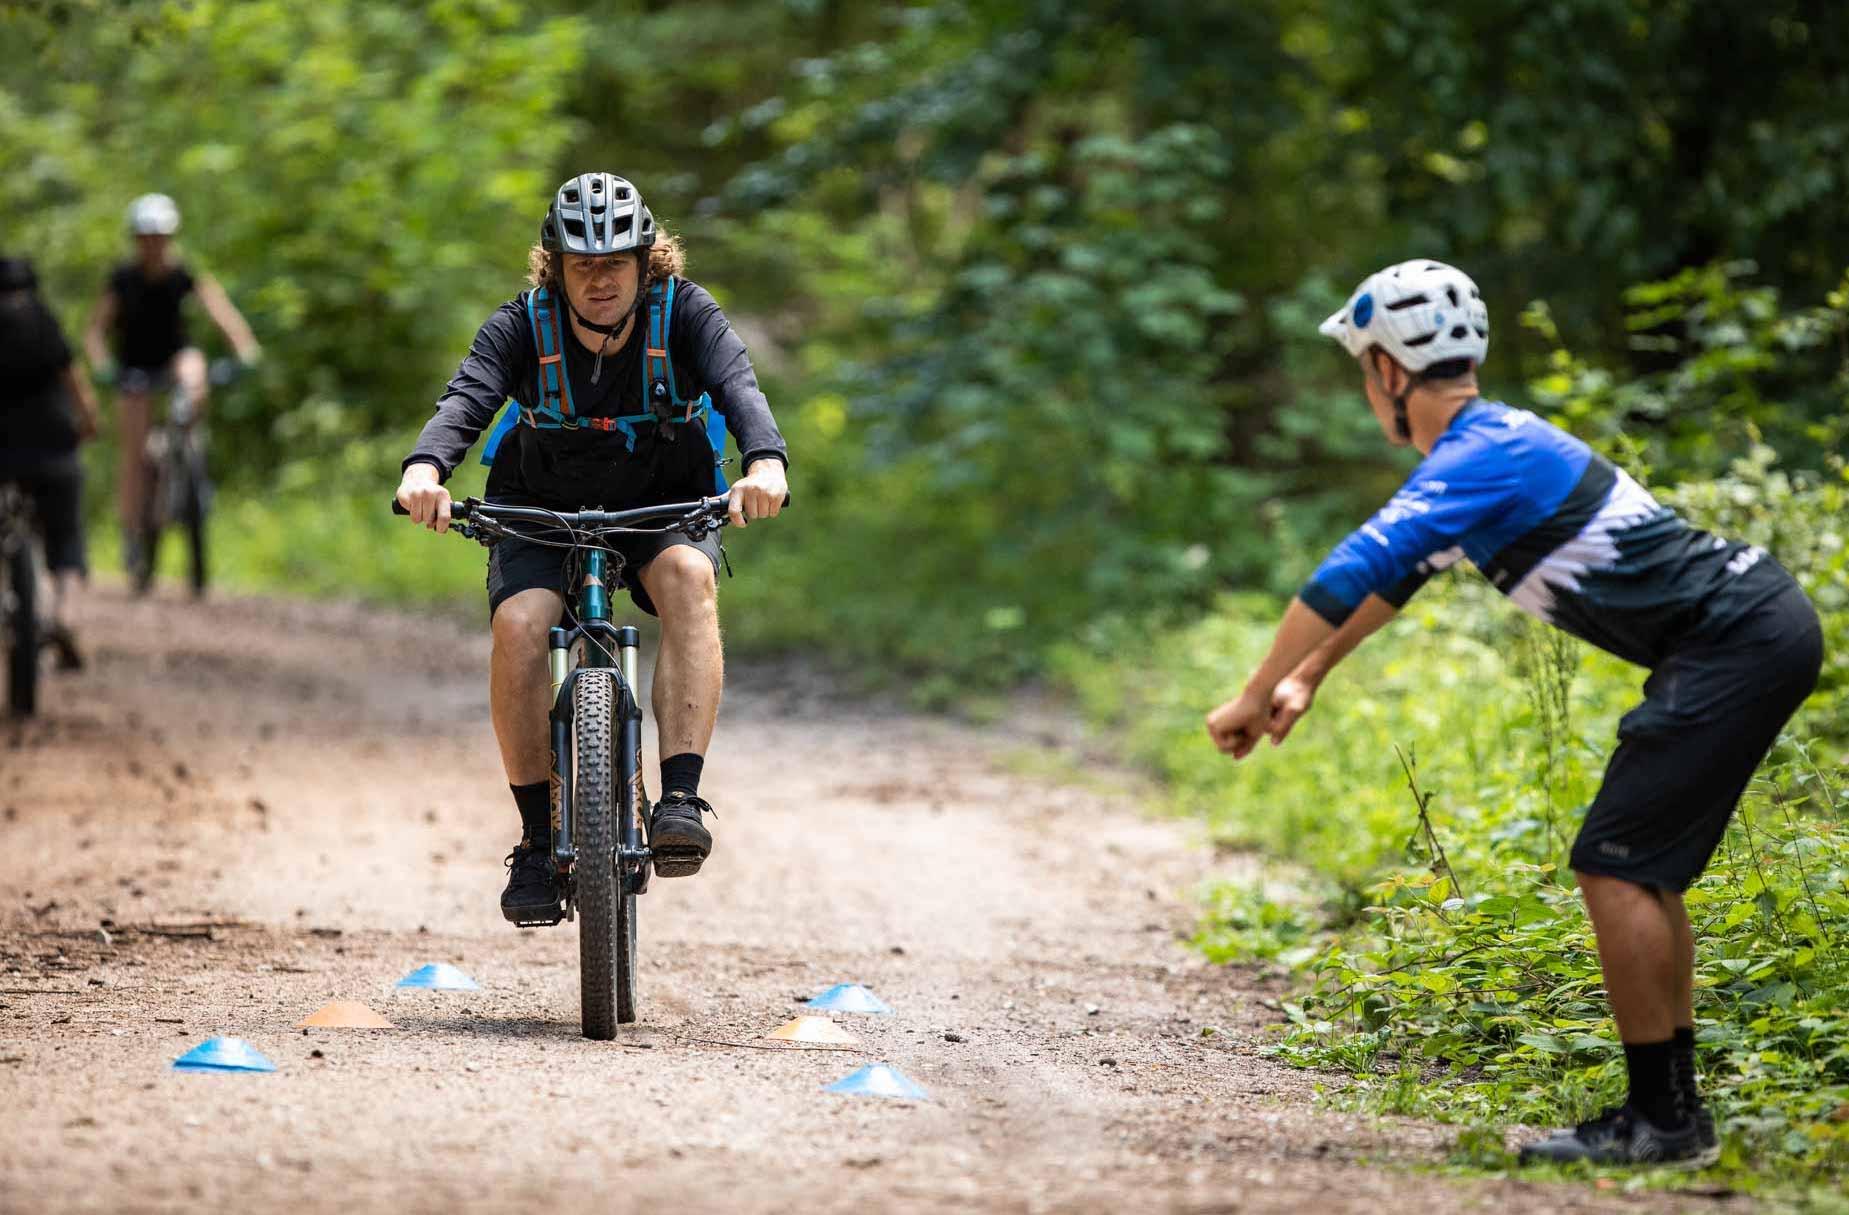 MTB Fahrtechnik Kurs für Einsteiger in Witten - Ruhrgebiet - Mountainbike Basic Ruhrgebit Trail Anfänger - Rock my Trail Bikeschule GmbH - 18